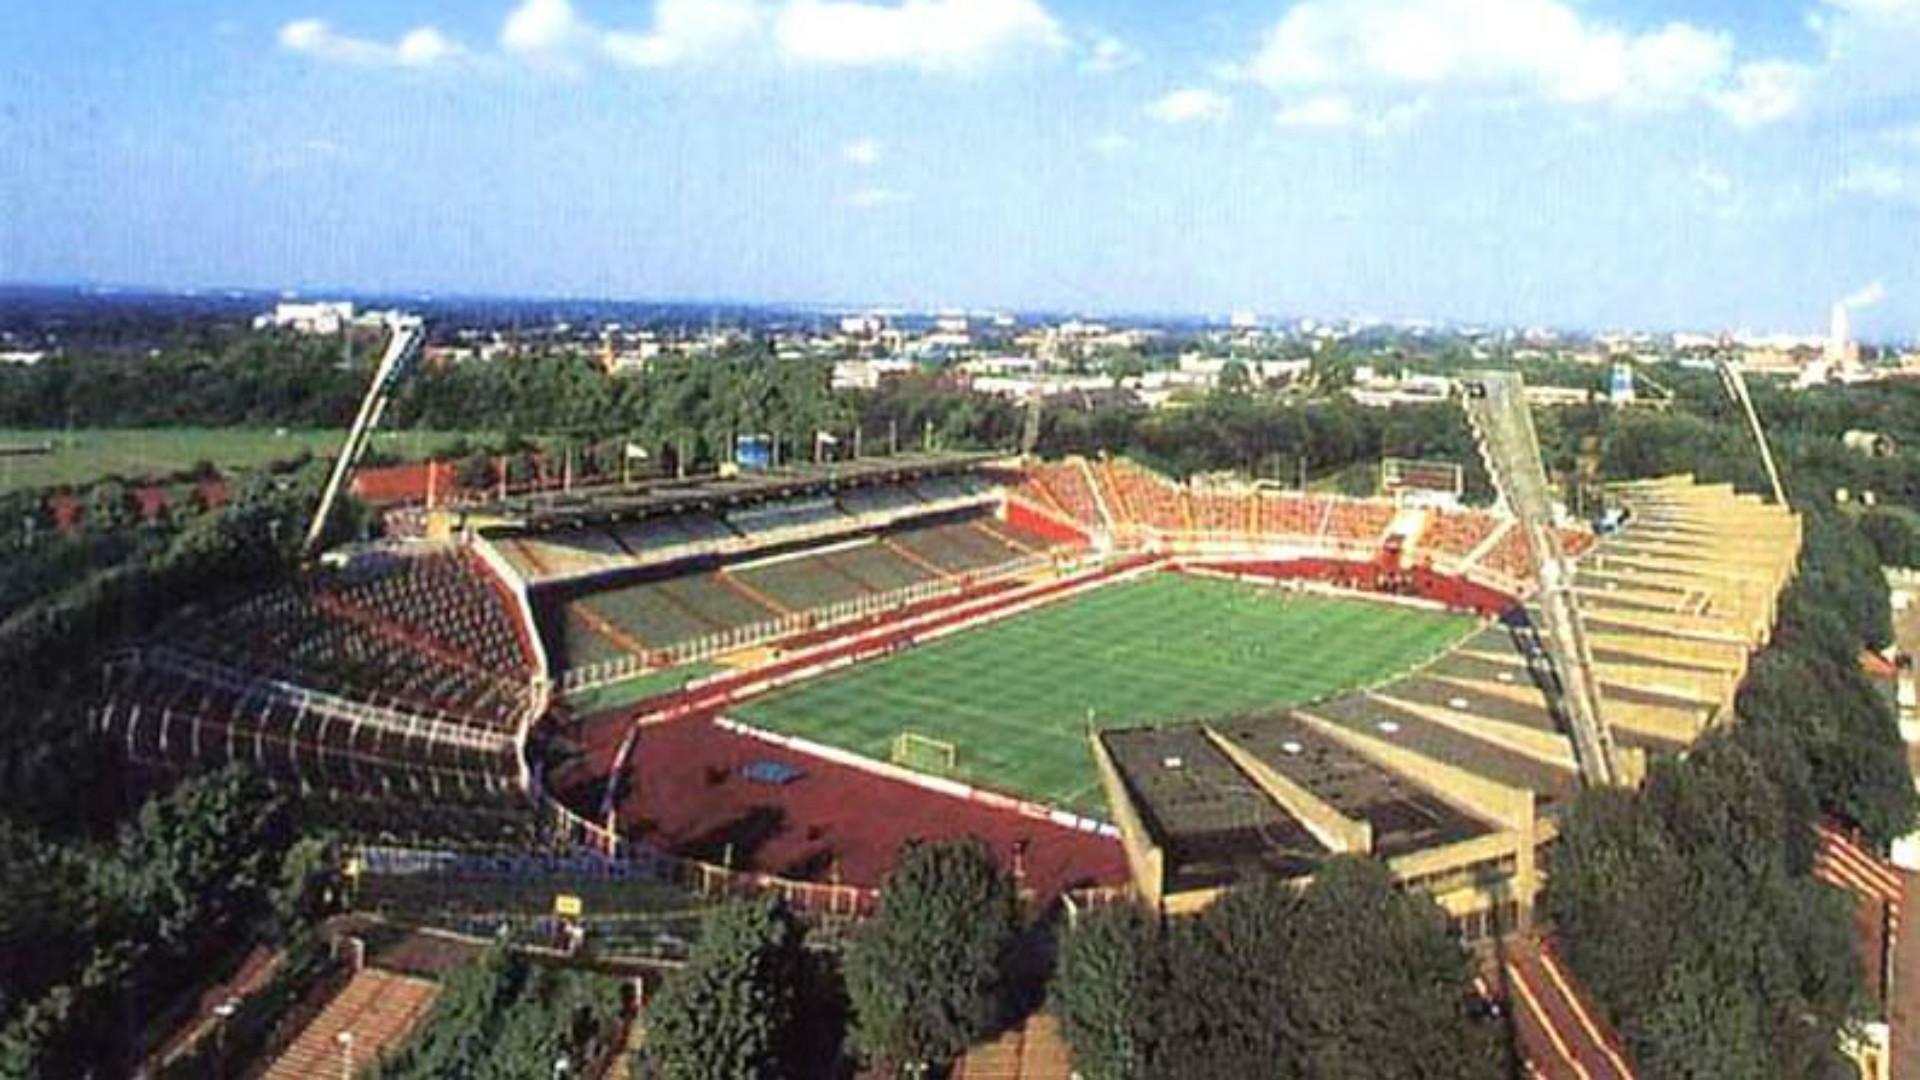 Volkspartstadion